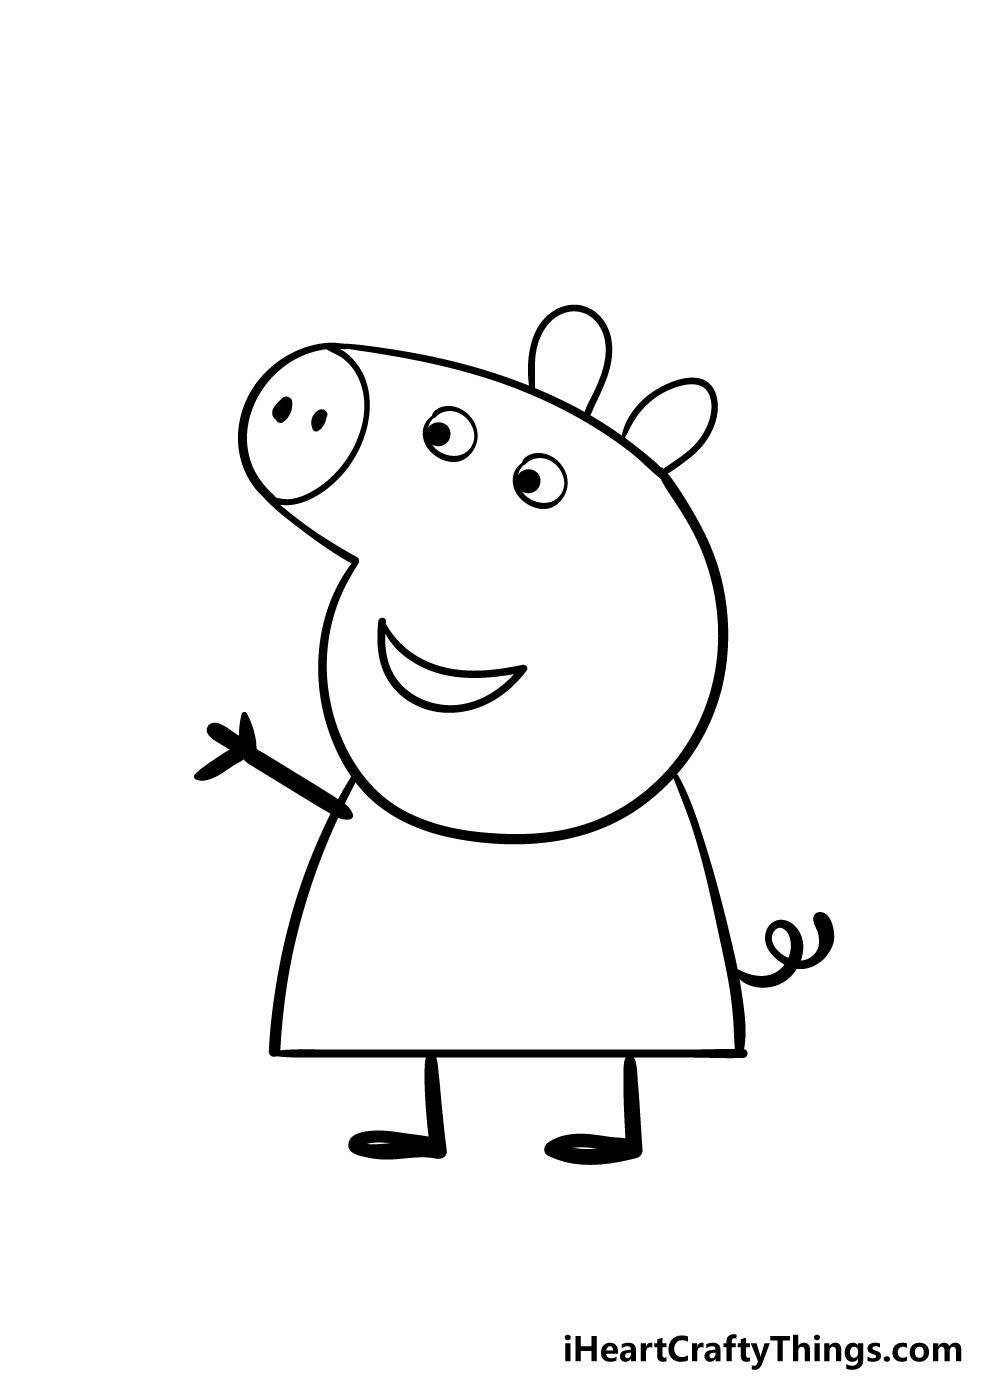 peppa pig drawing step 7